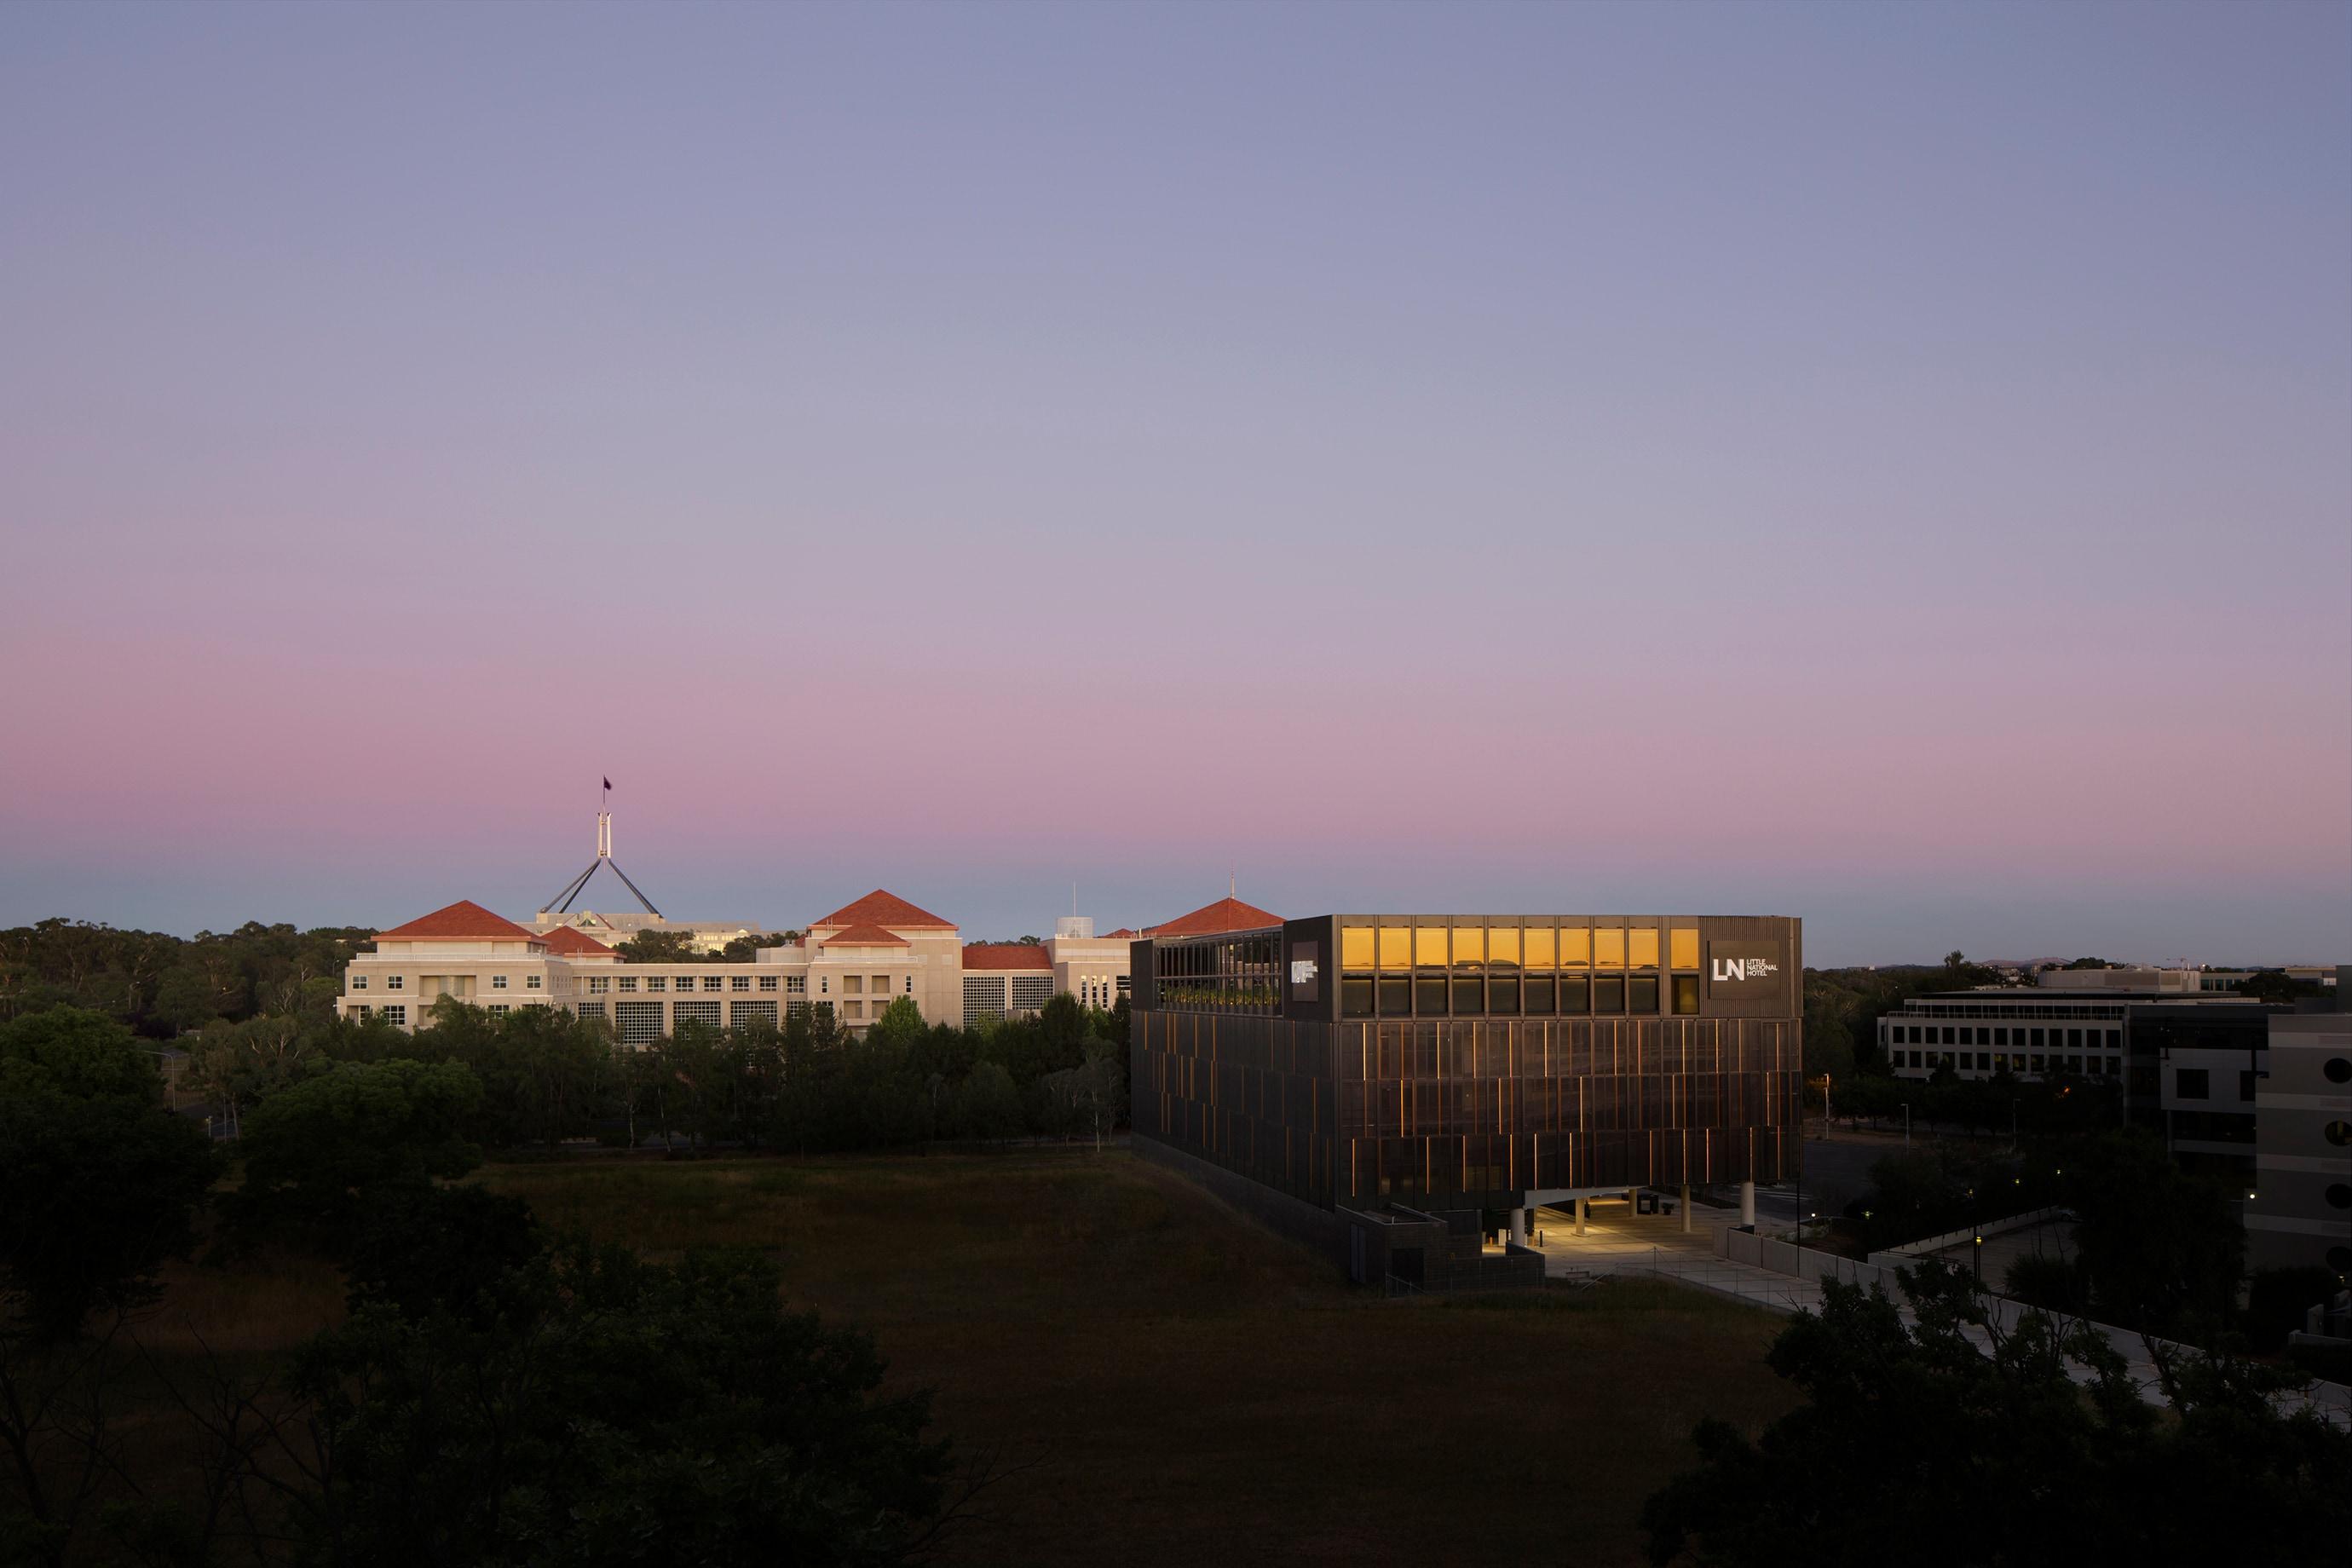 Incontri Servizi Canberra